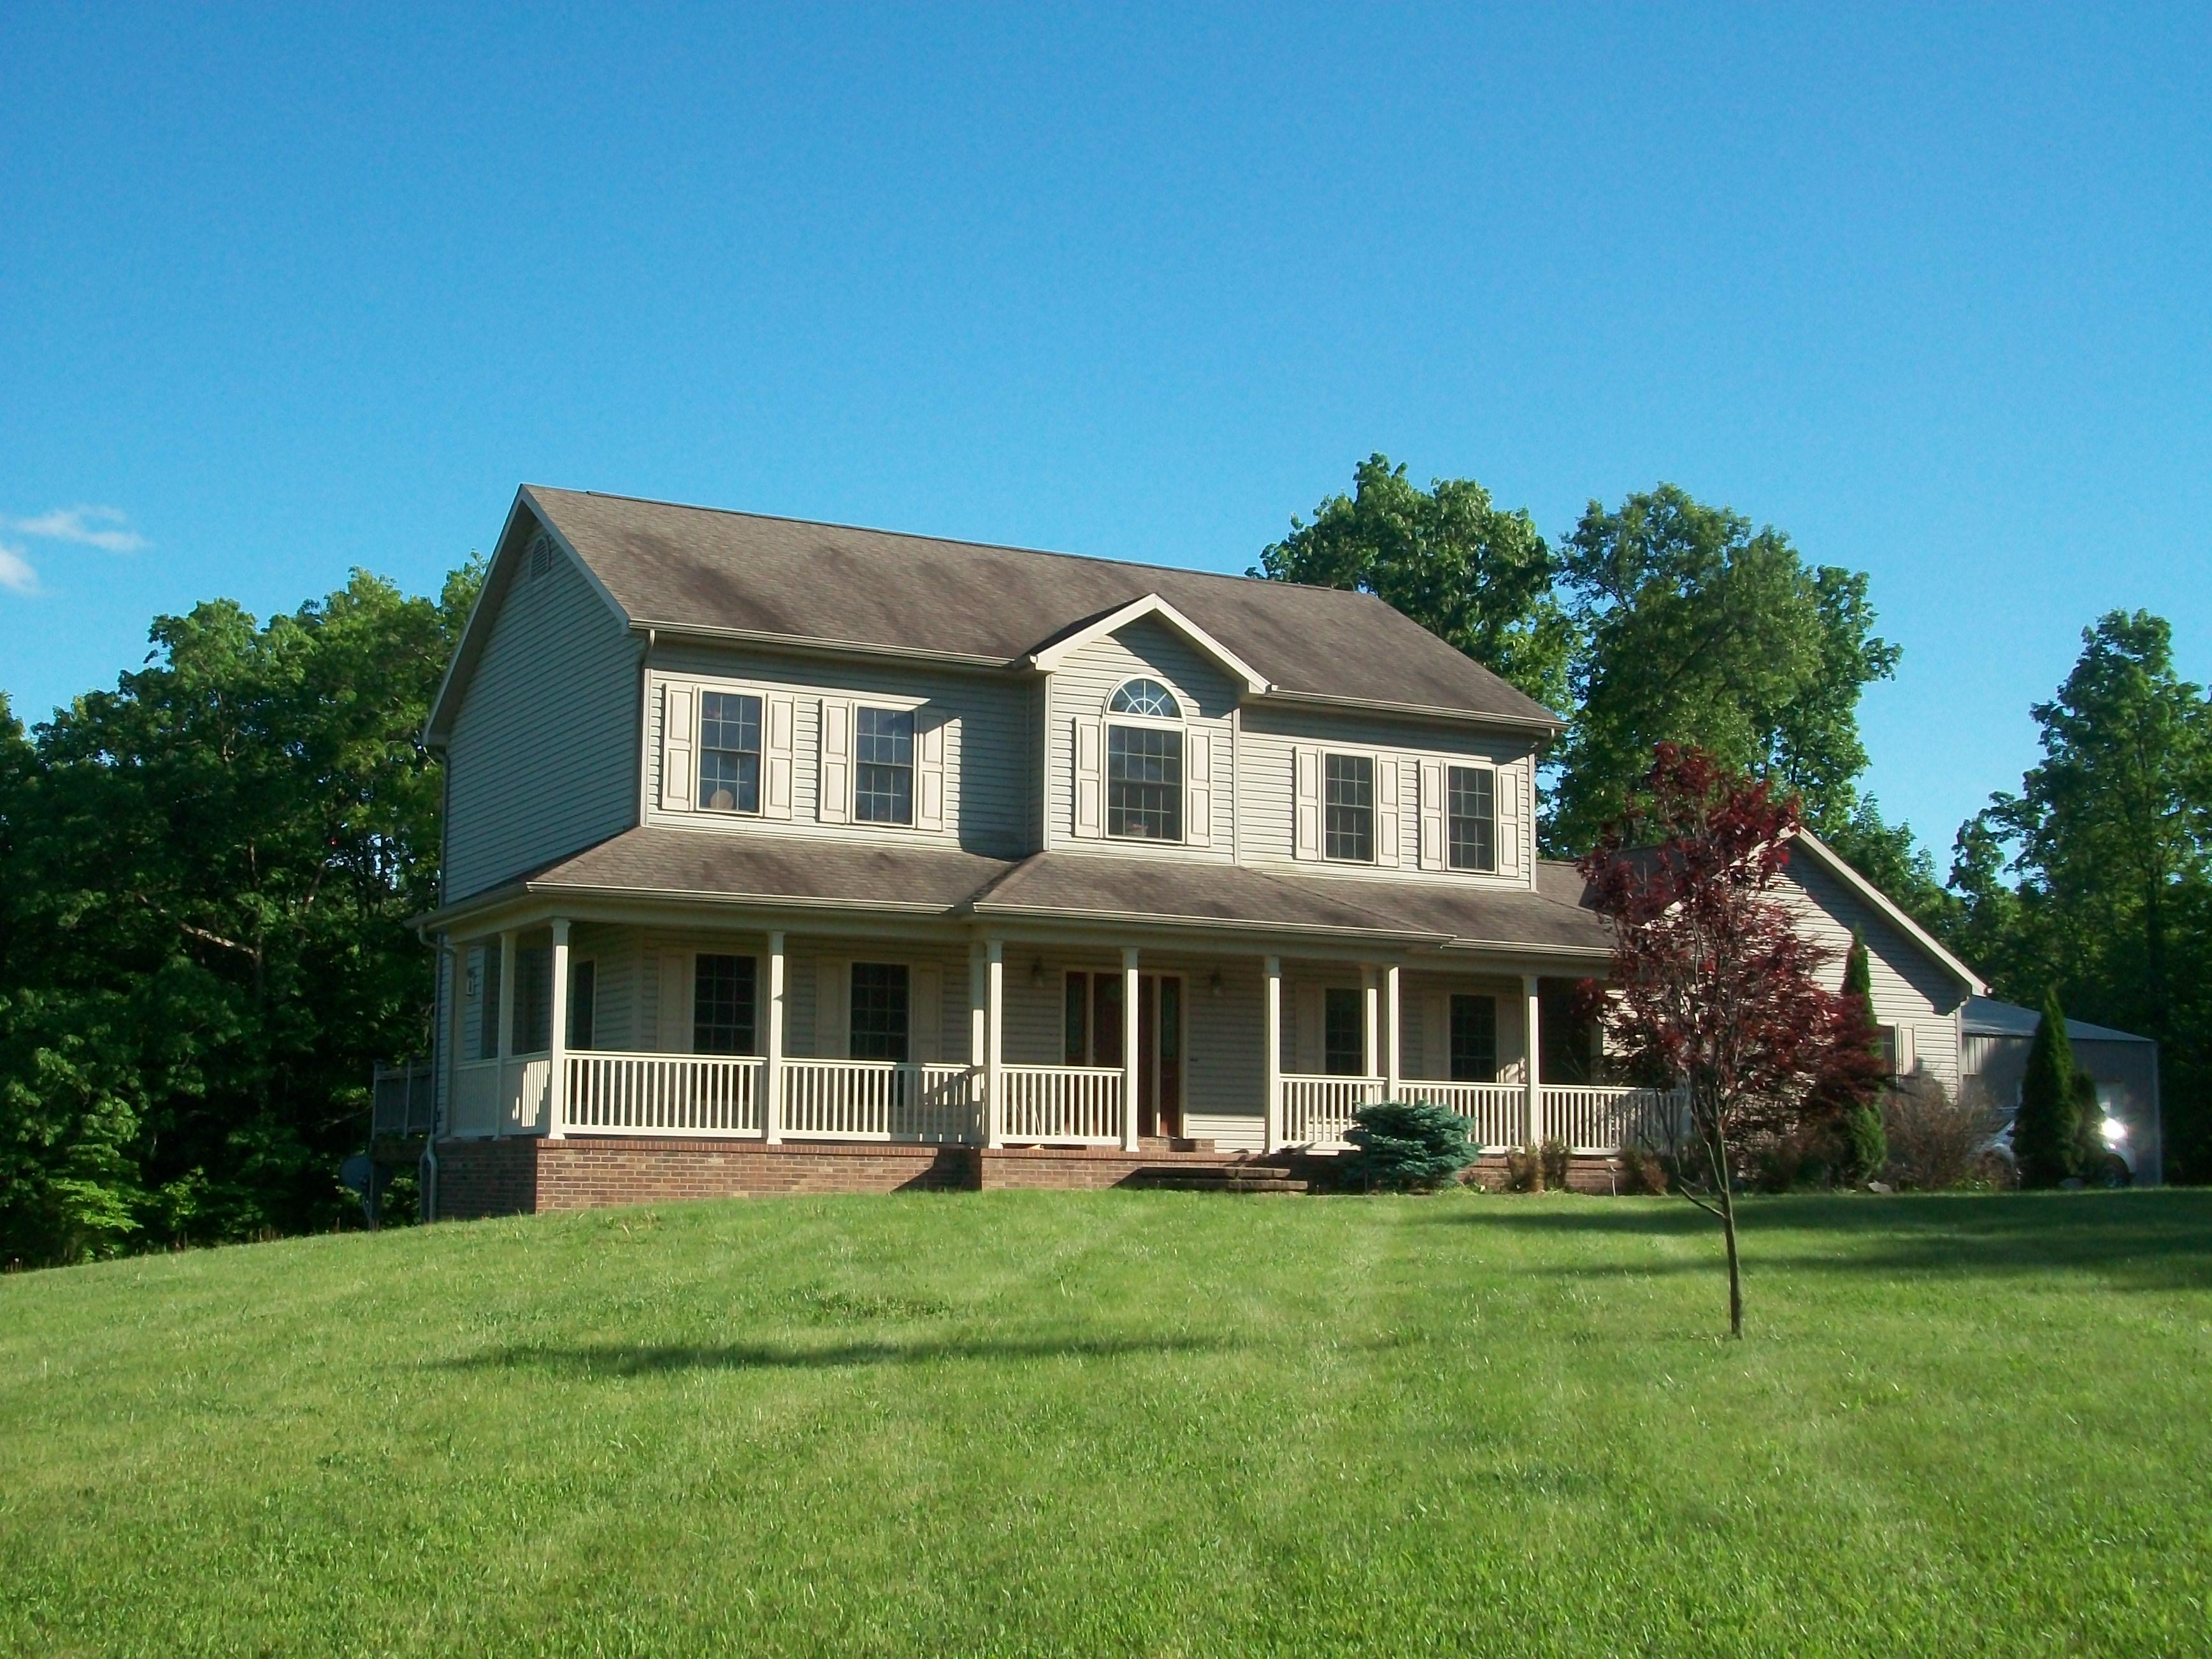 1410 Whitetail Dr, Fredericktown, Missouri 63645